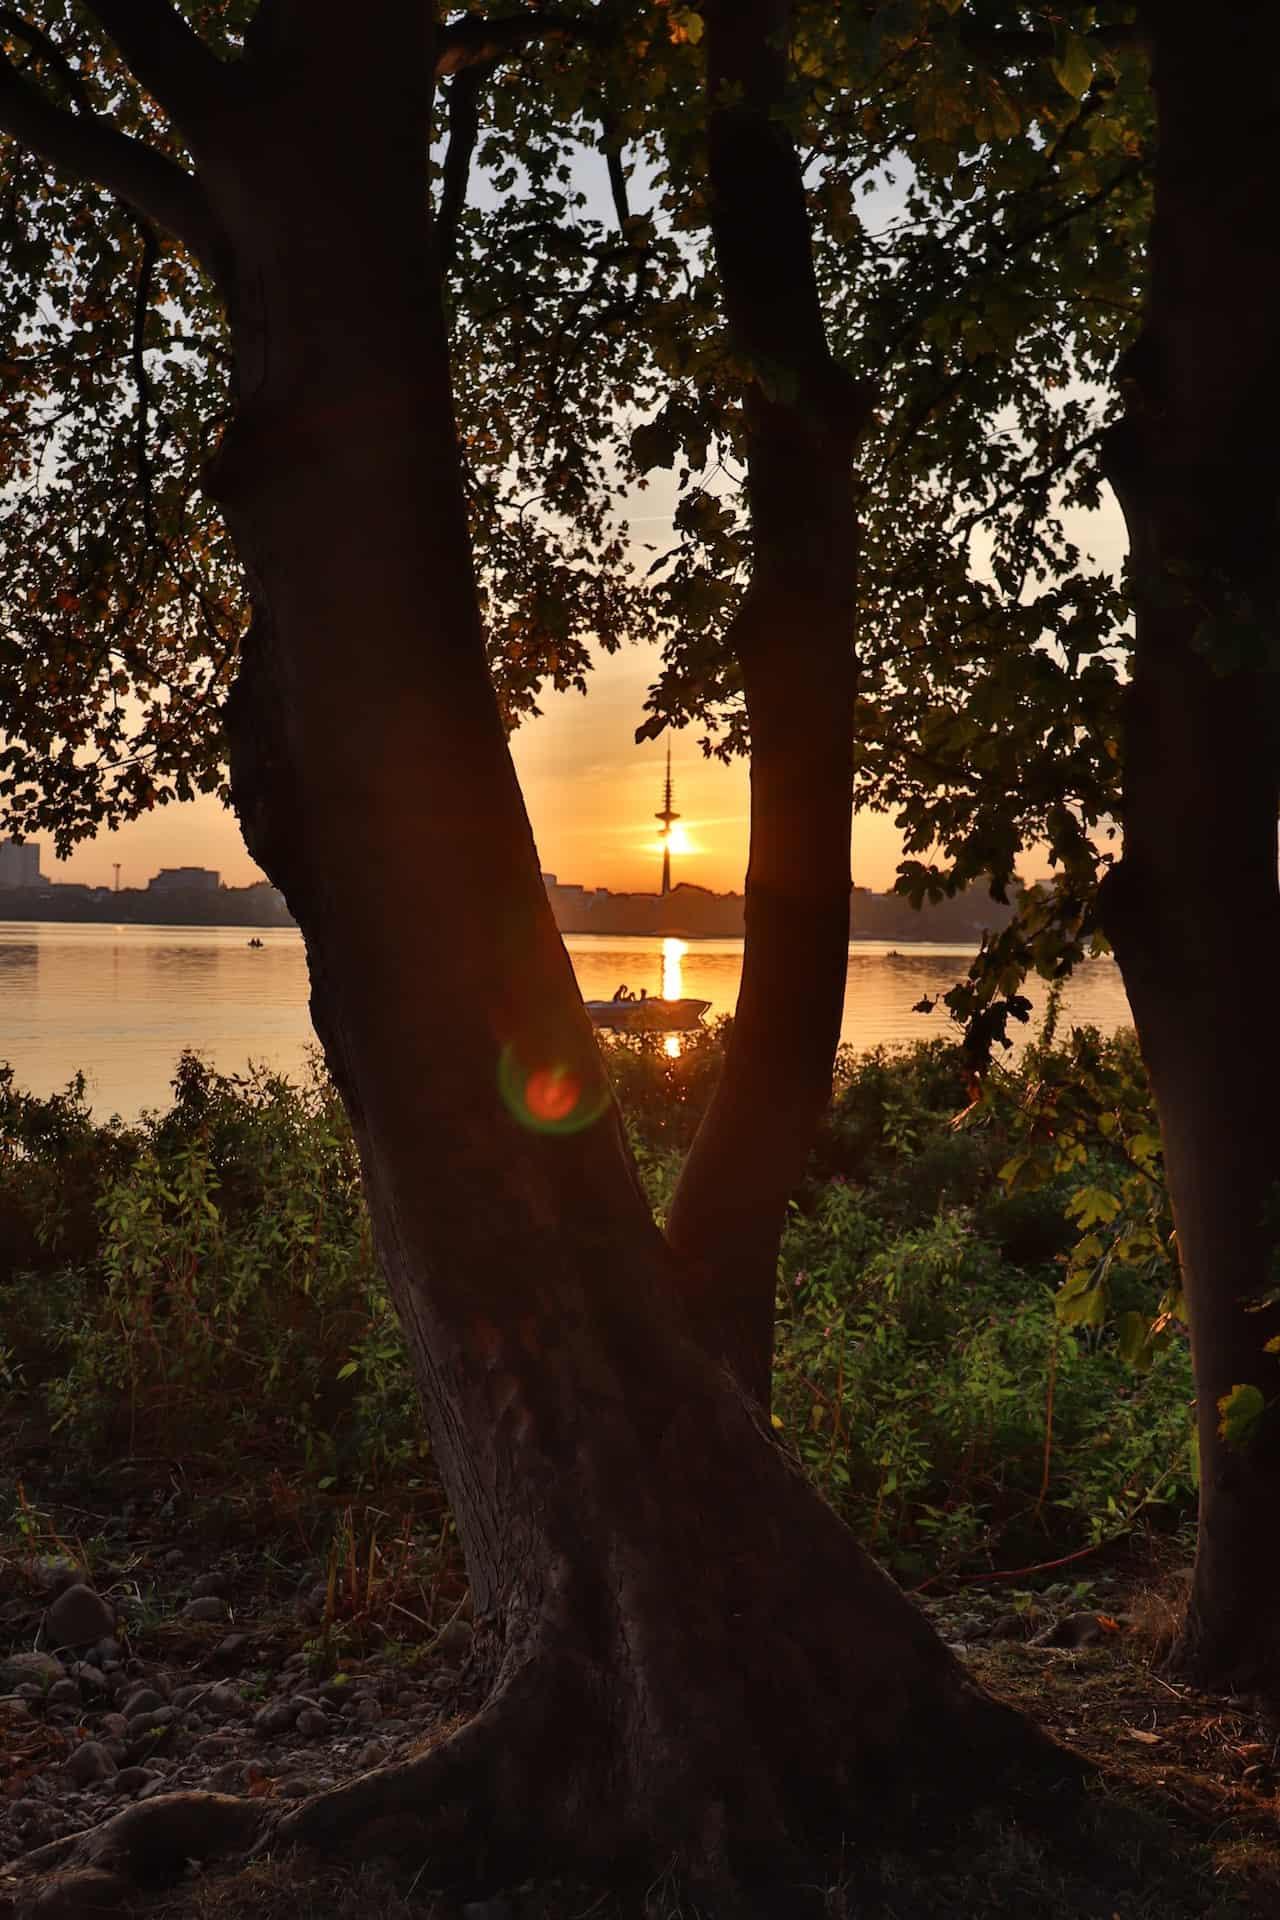 Die Alster in Hamburg mit Sonnenuntergang